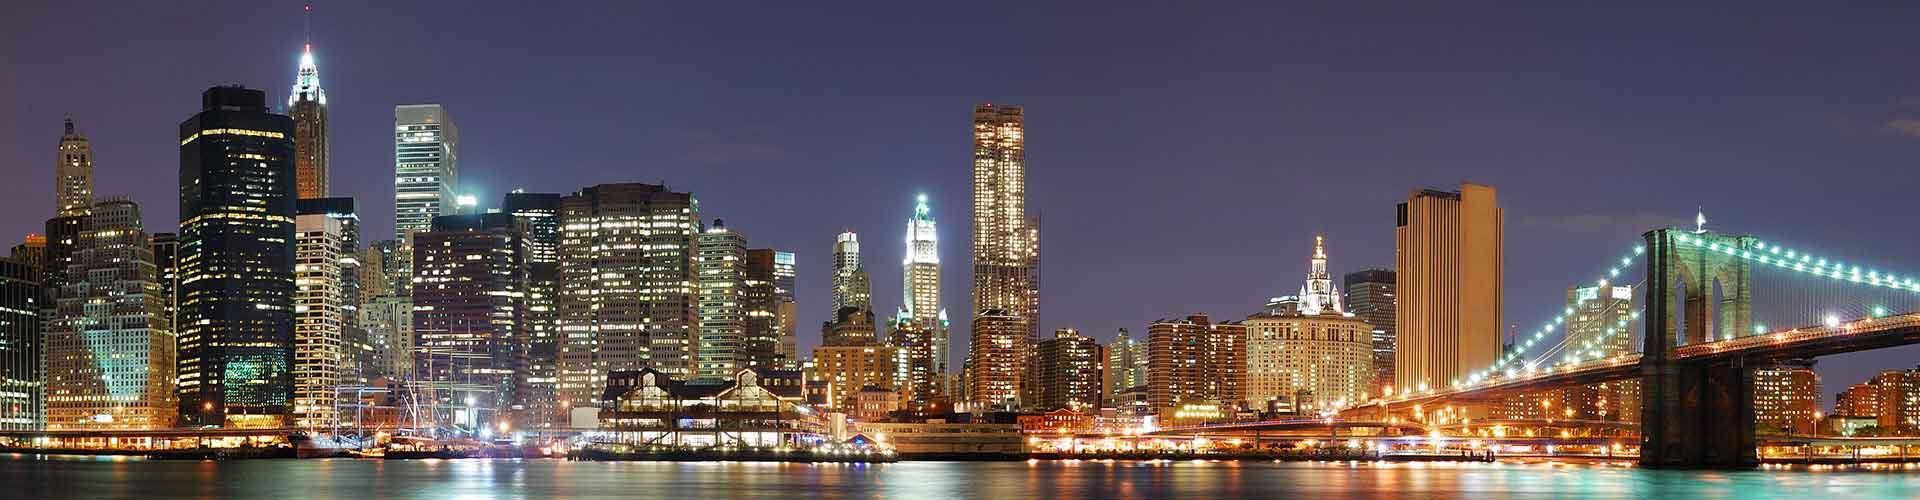 뉴욕시티 - 뉴욕시티에 위치한 호스텔.  뉴욕시티의 지도, 뉴욕시티에 위치한 호스텔에 대한 사진 및 리뷰.